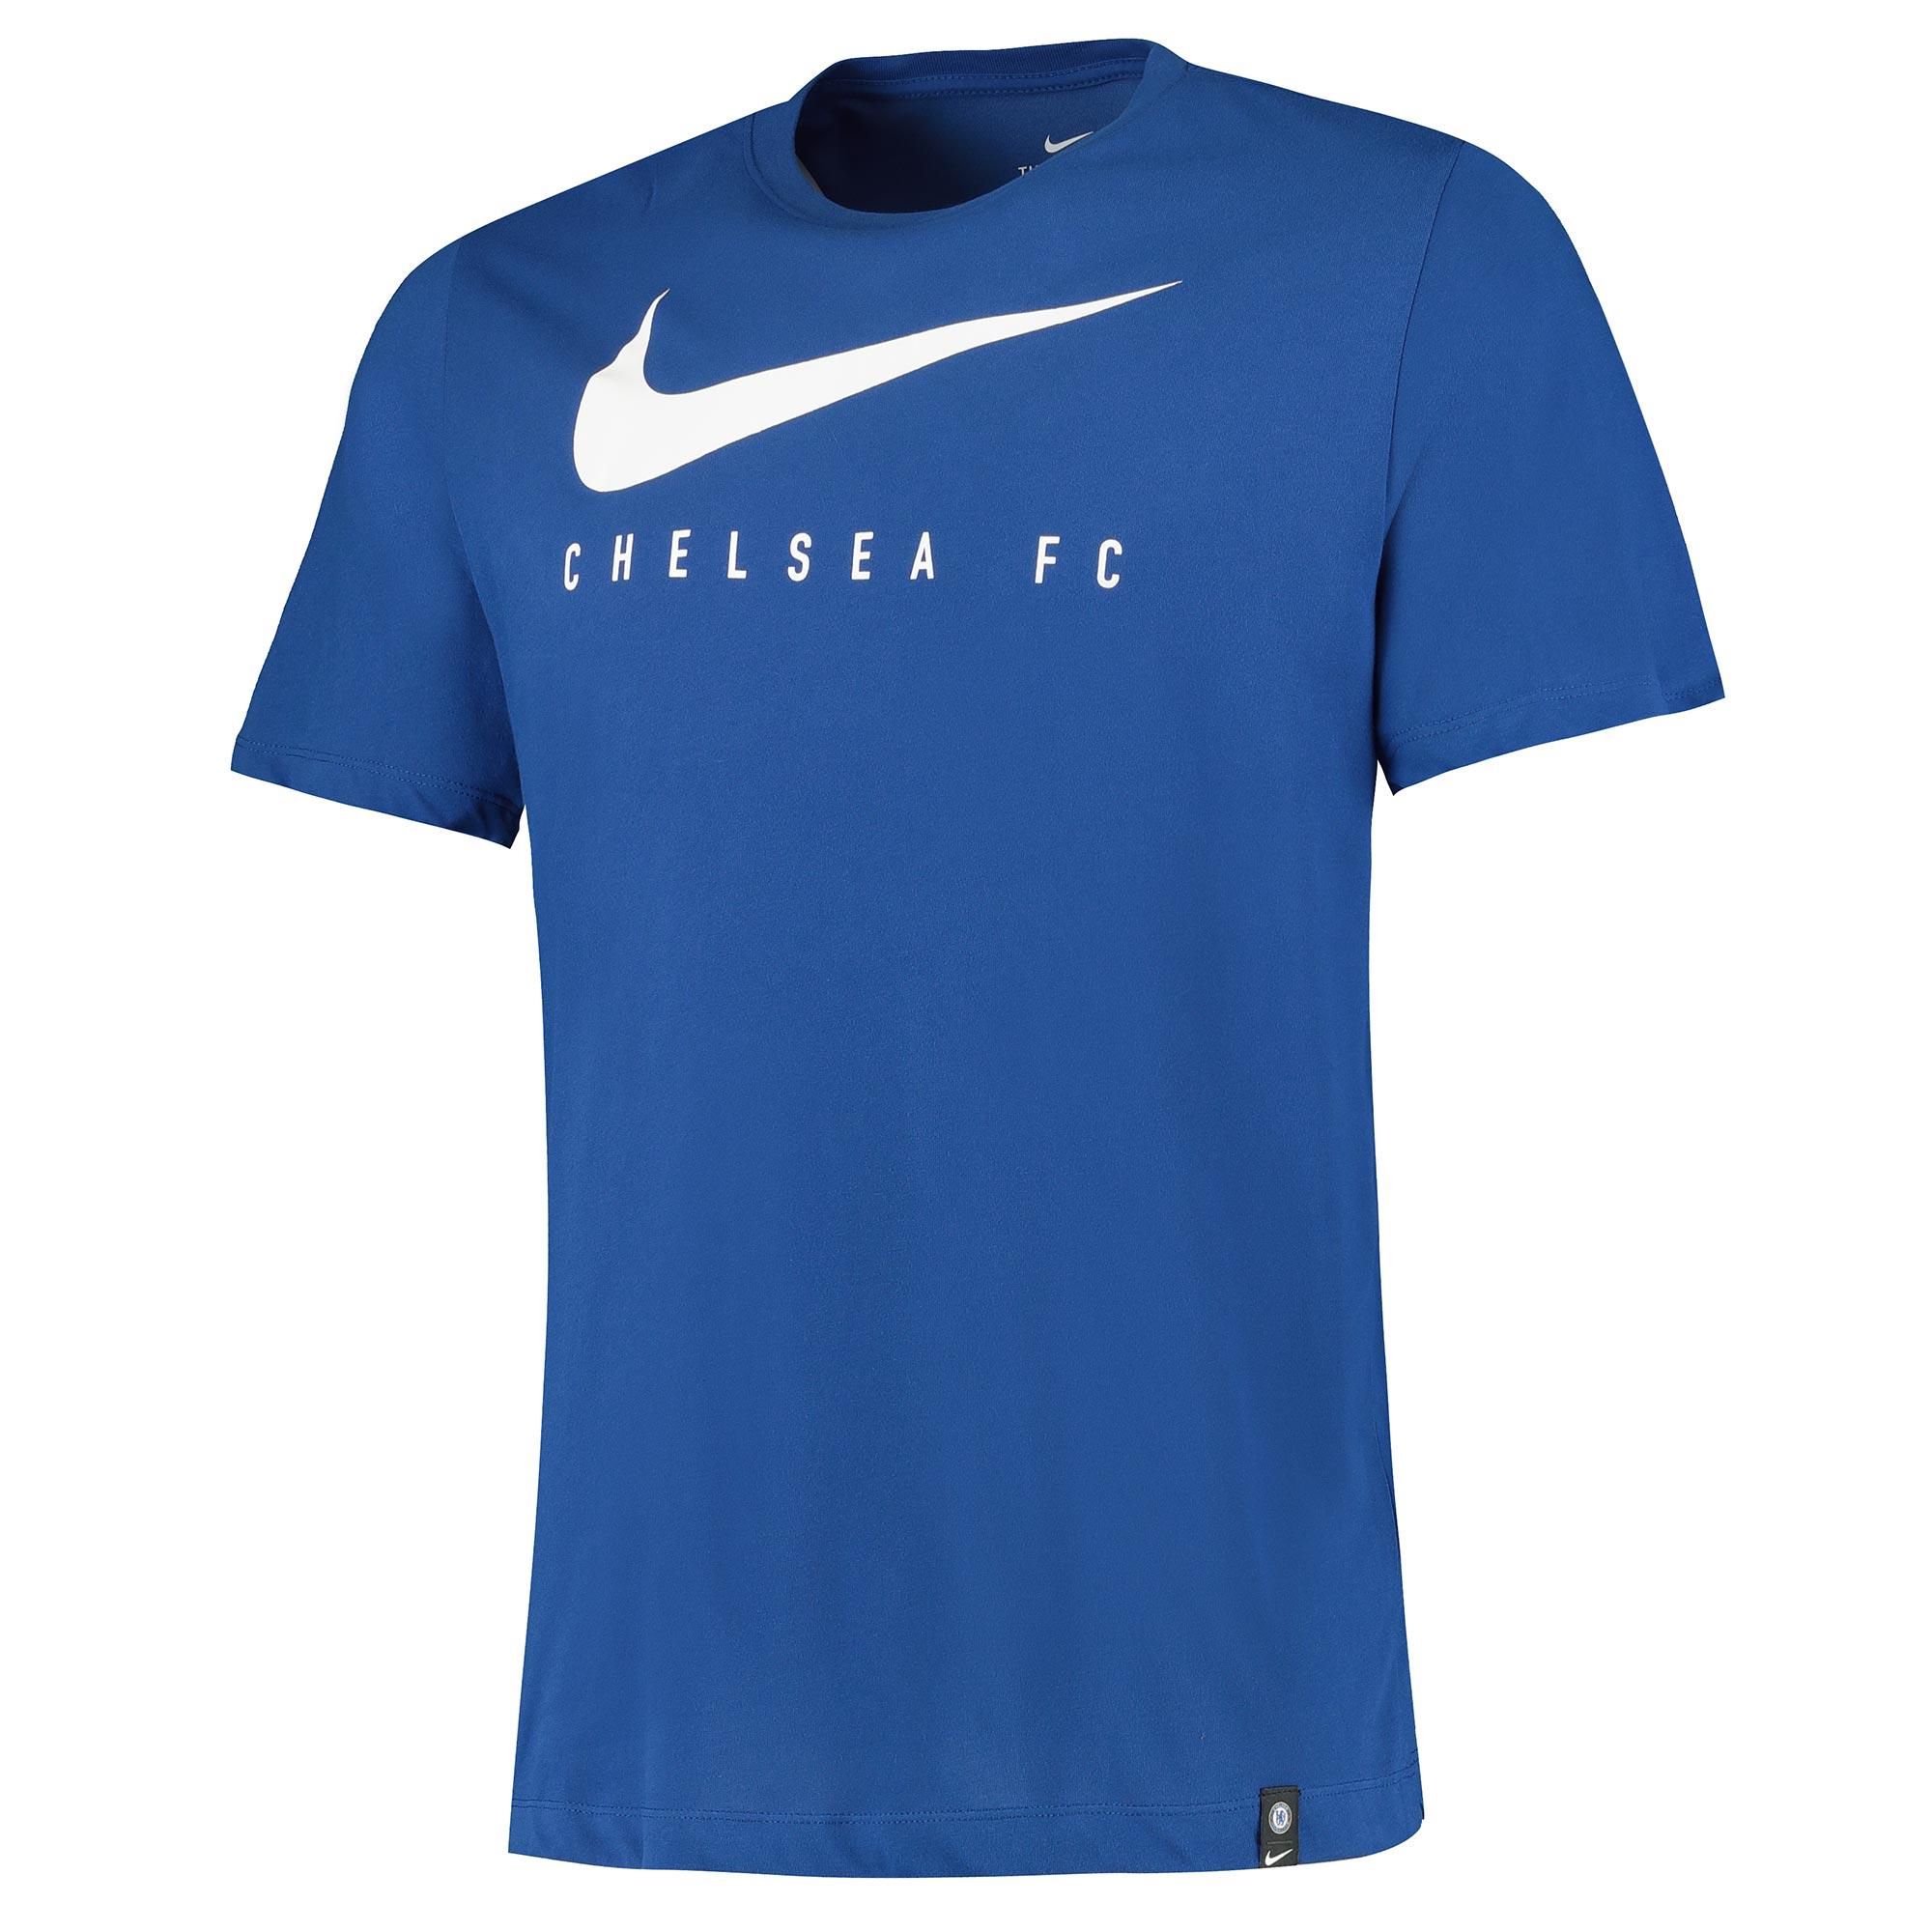 Nike / Camiseta de entrenamiento Training Ground del Chelsea en azul